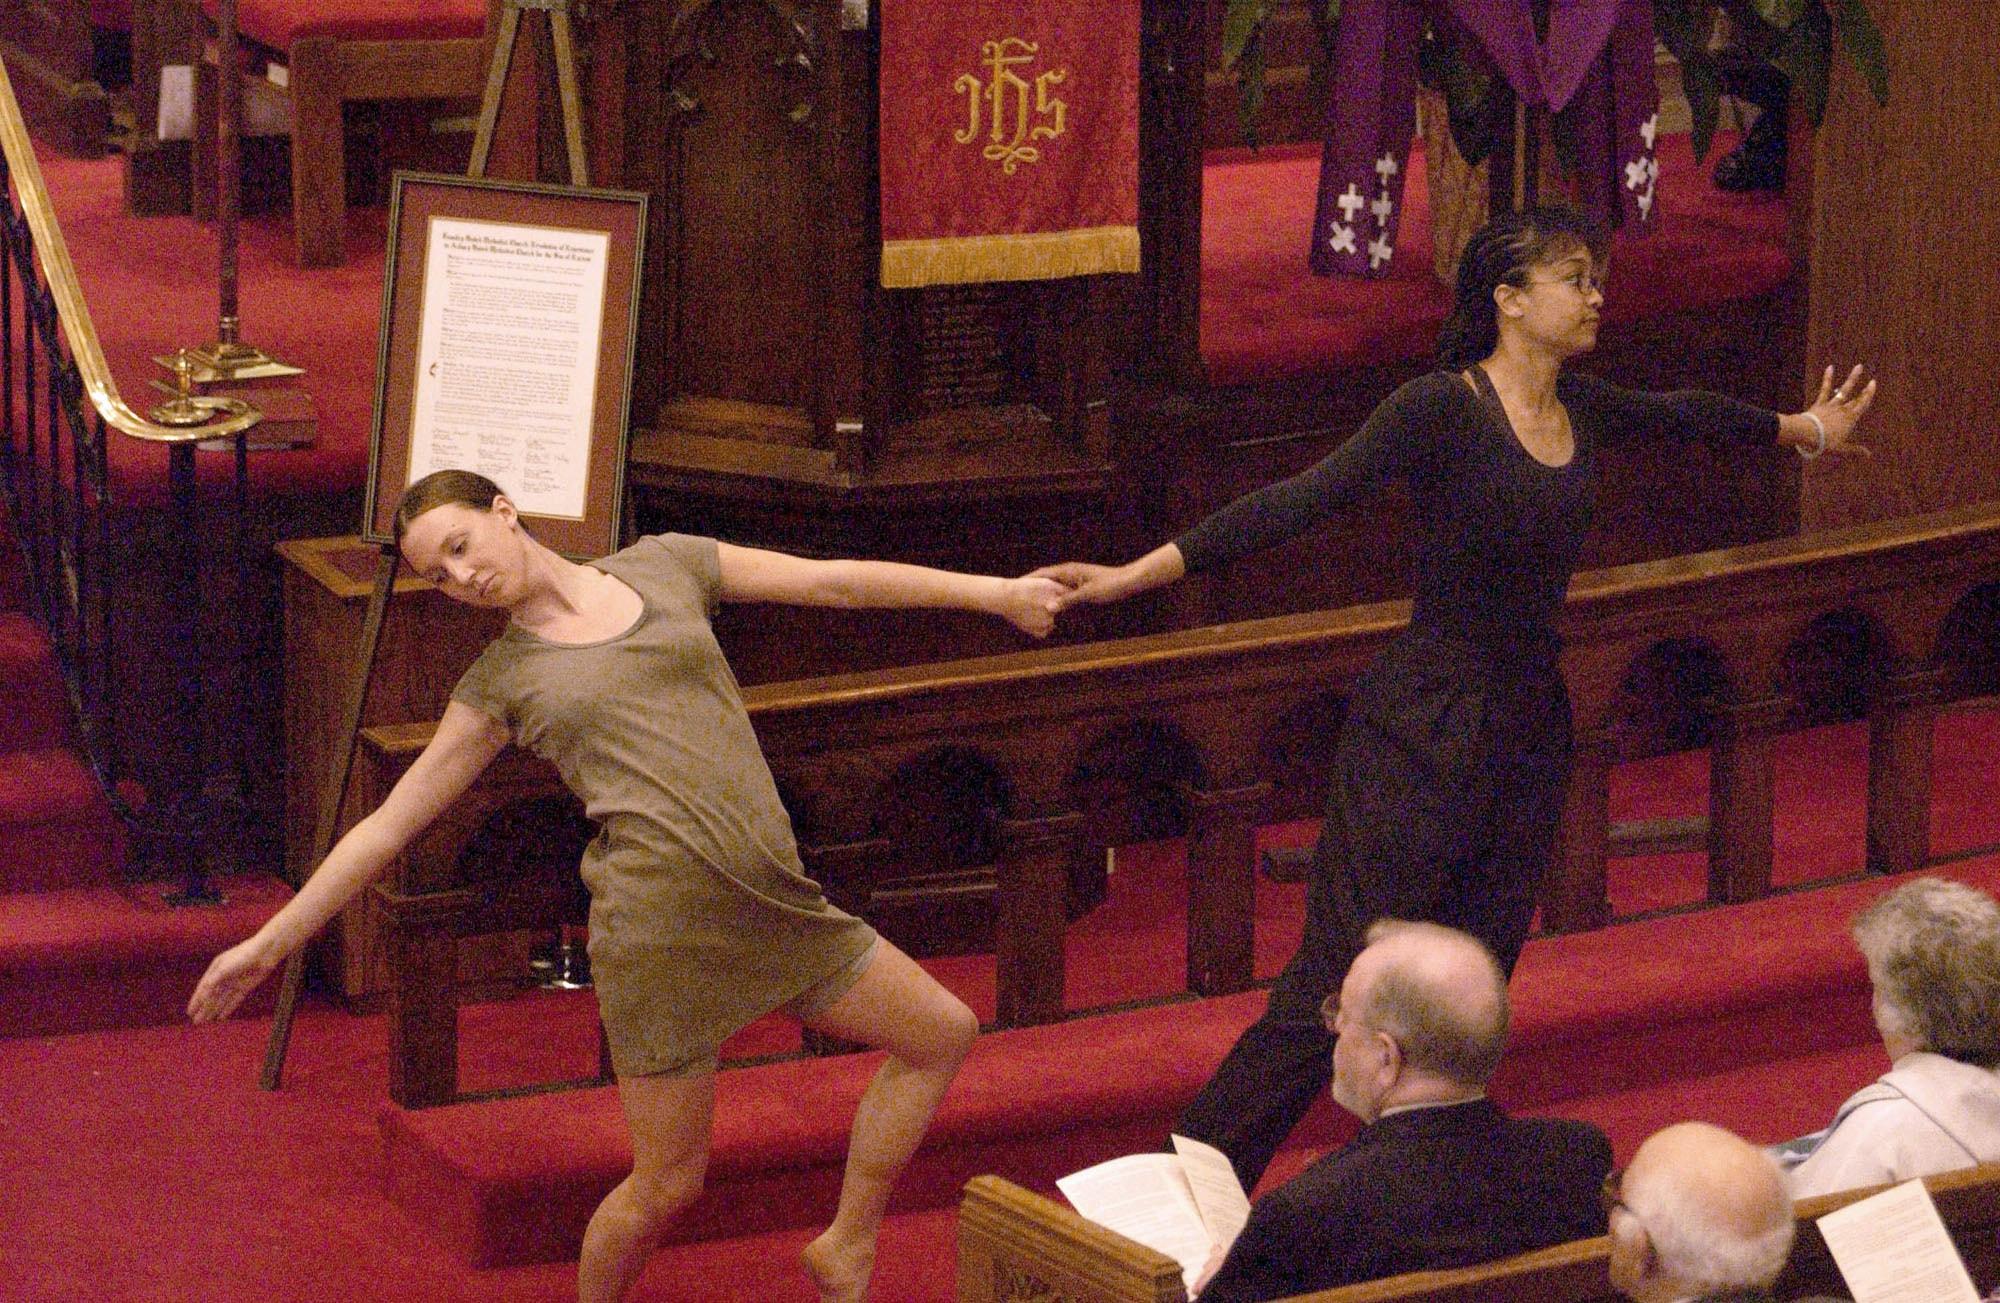 Kimberly Pitcher-Crago (izquierda) y Ellen Hawes presentan una danza litúrgica durante un servicio de arrepentimiento en 2002 por la Iglesia Metodista Unida de Foundry en la Iglesia Metodista Unida de Asbury en Washington. En el siglo XIX, la discriminación racial en Foundry condujo a la formación de la Iglesia Metodista Asbury y más tarde la Iglesia Metodista Episcopal Africana Sión. Foto de archivo © Jay Mallin.